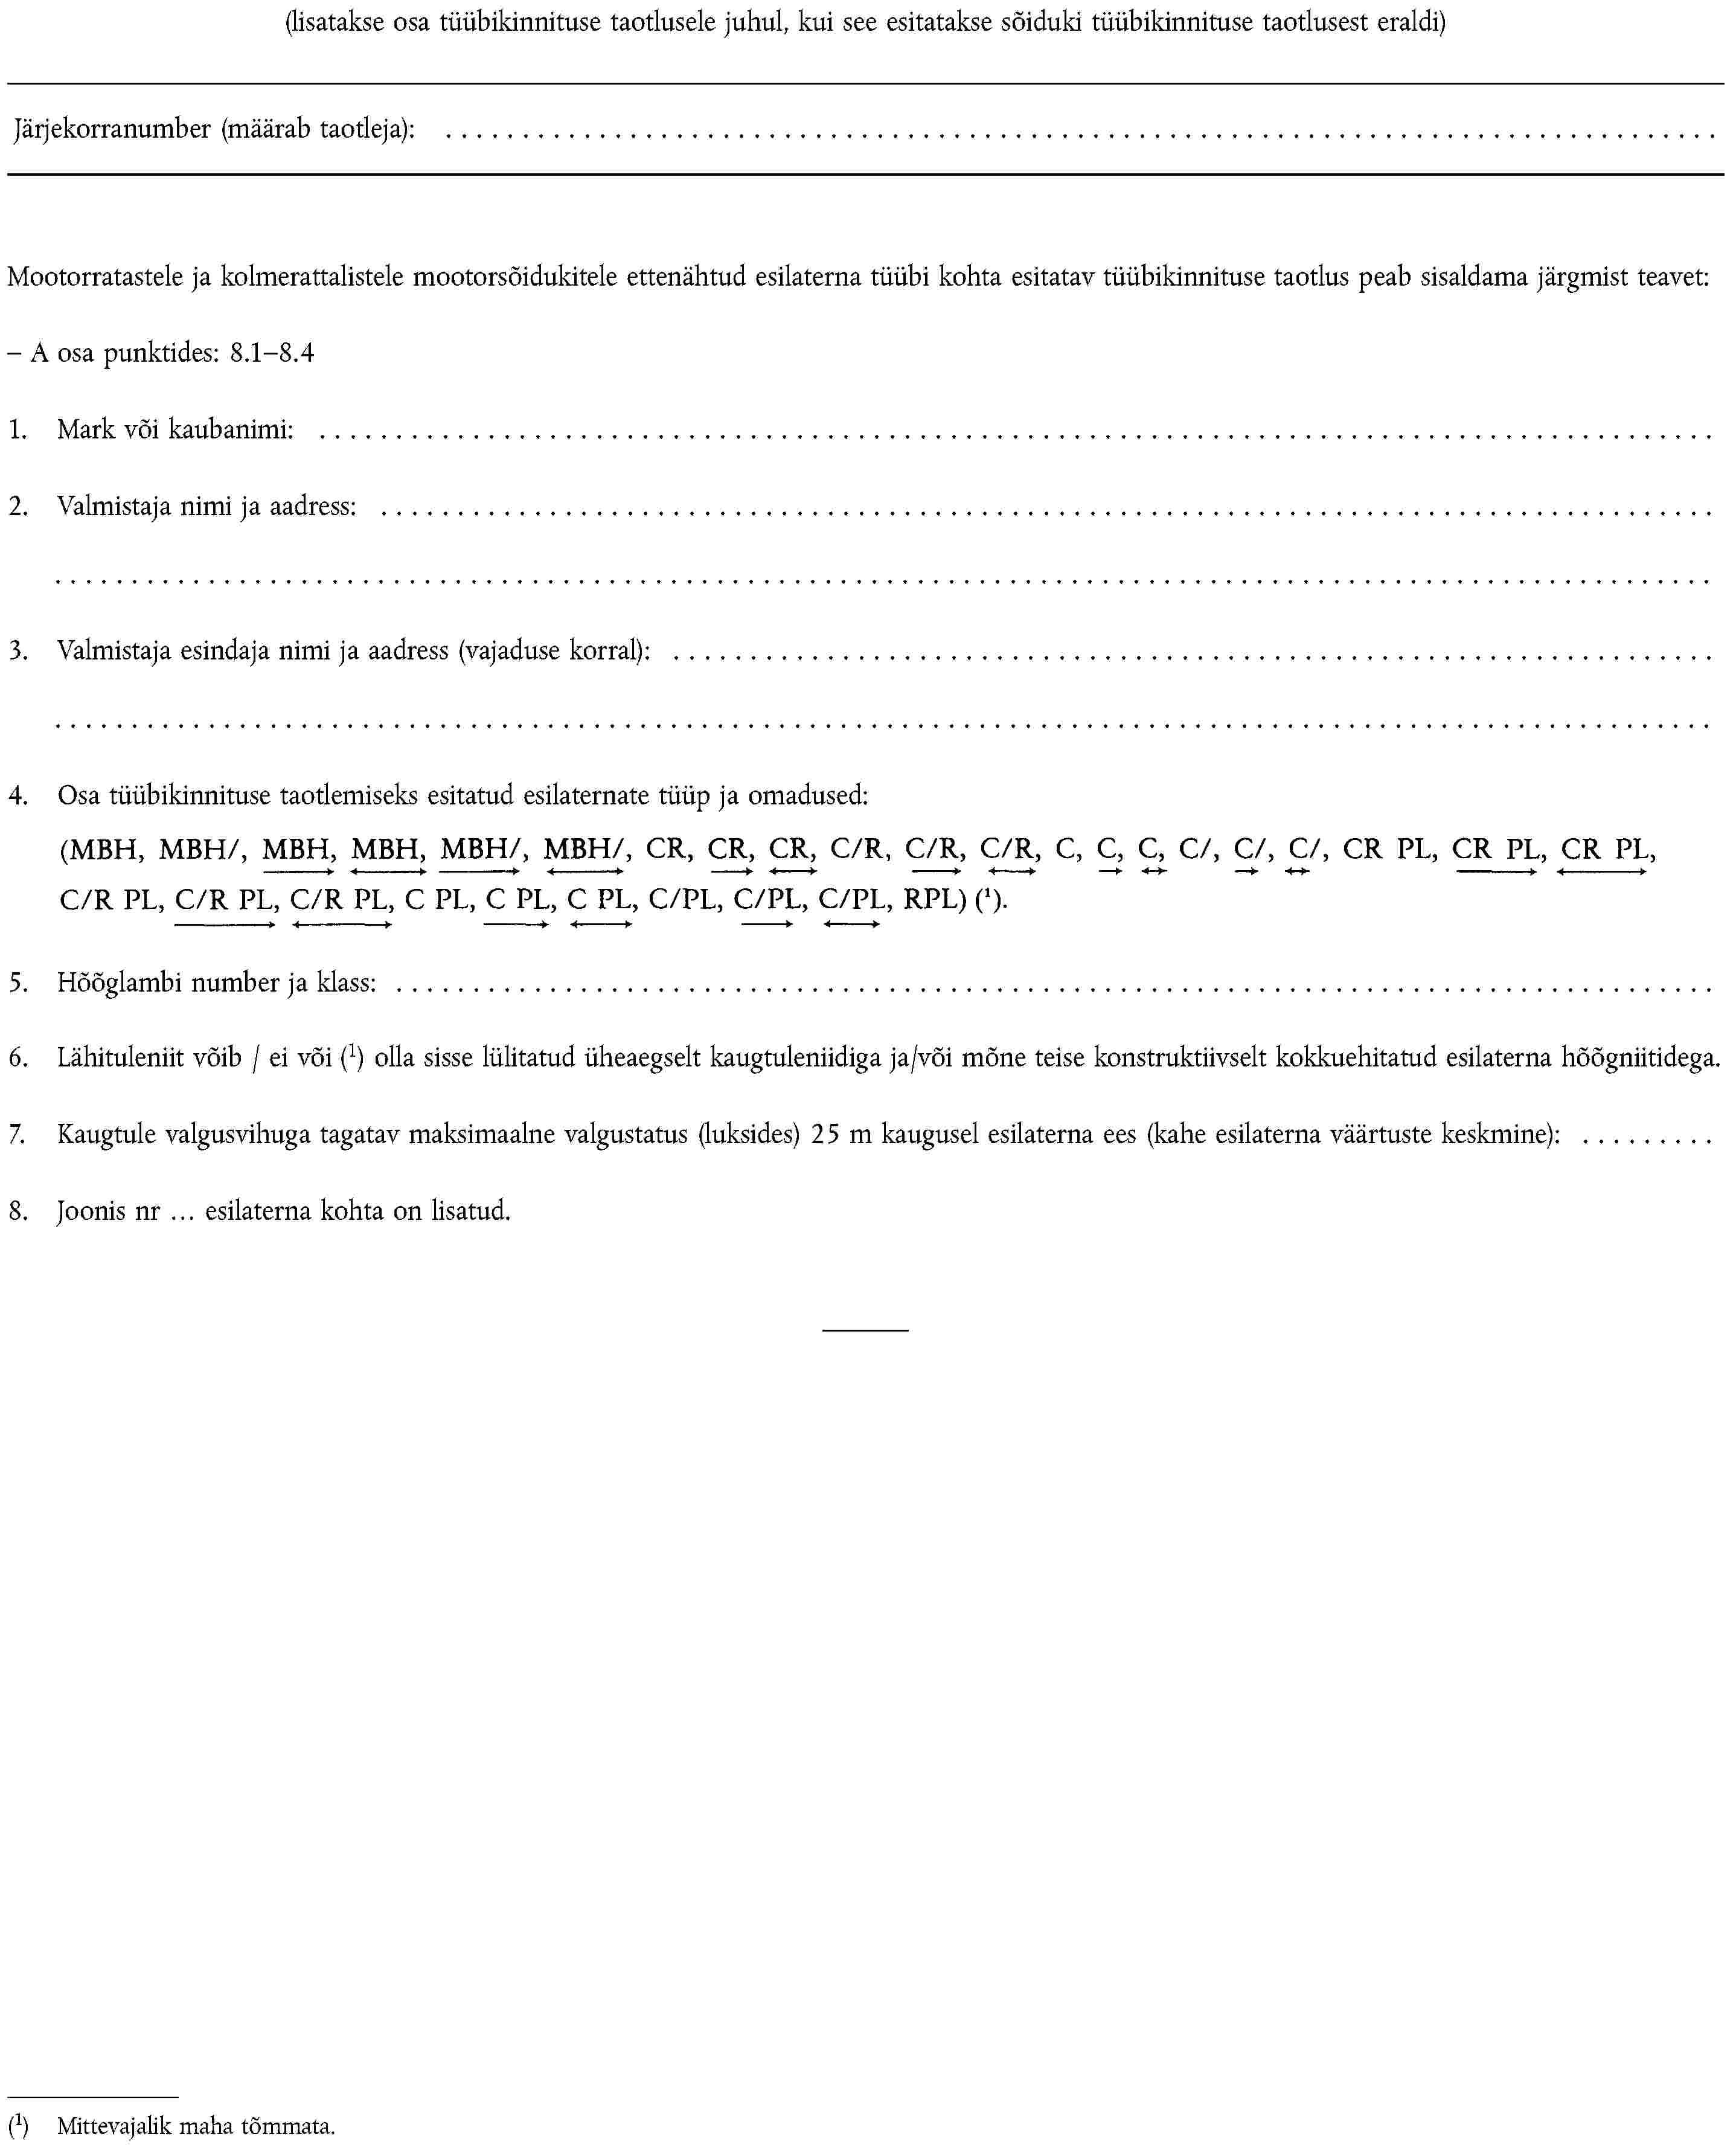 761cfe8b400 EUR-Lex - 01997L0024-20060328 - ET - EUR-Lex